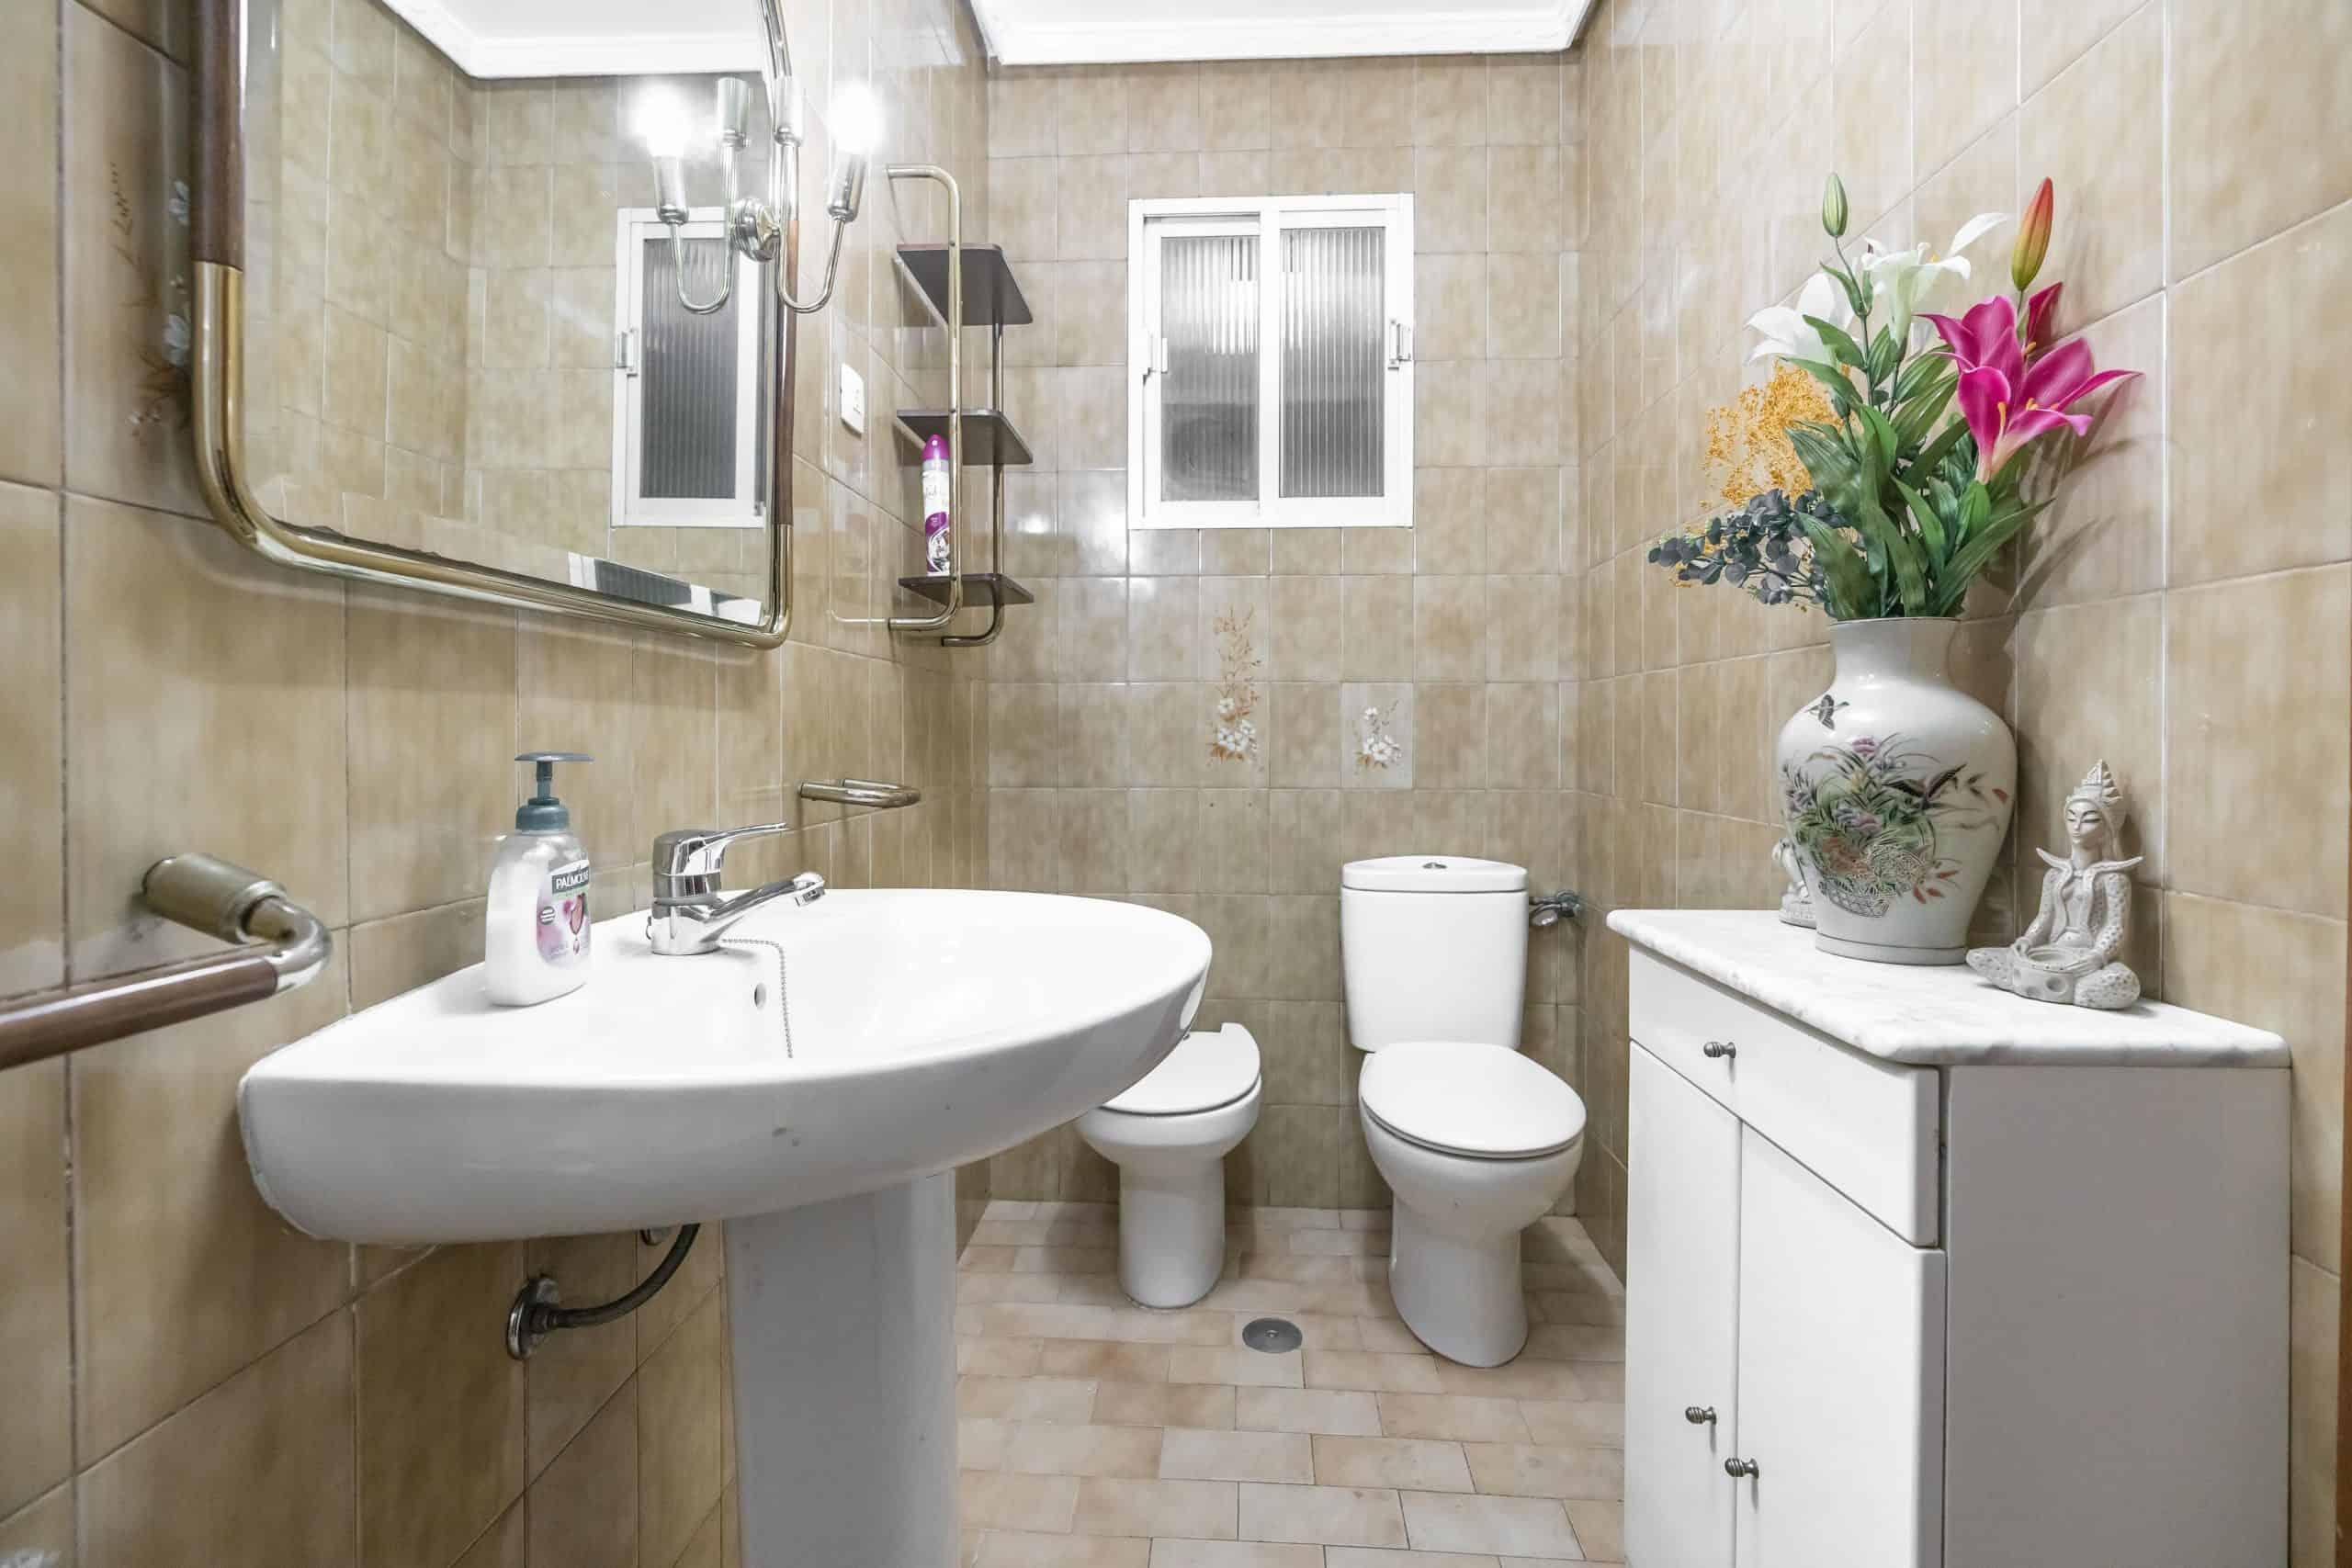 Agencia Inmobiliaria de Madrid-FUTUROCASA-Zona ARGANZUELA-LEGAZPI -calle Jaime Conquistador 27- Baño 2